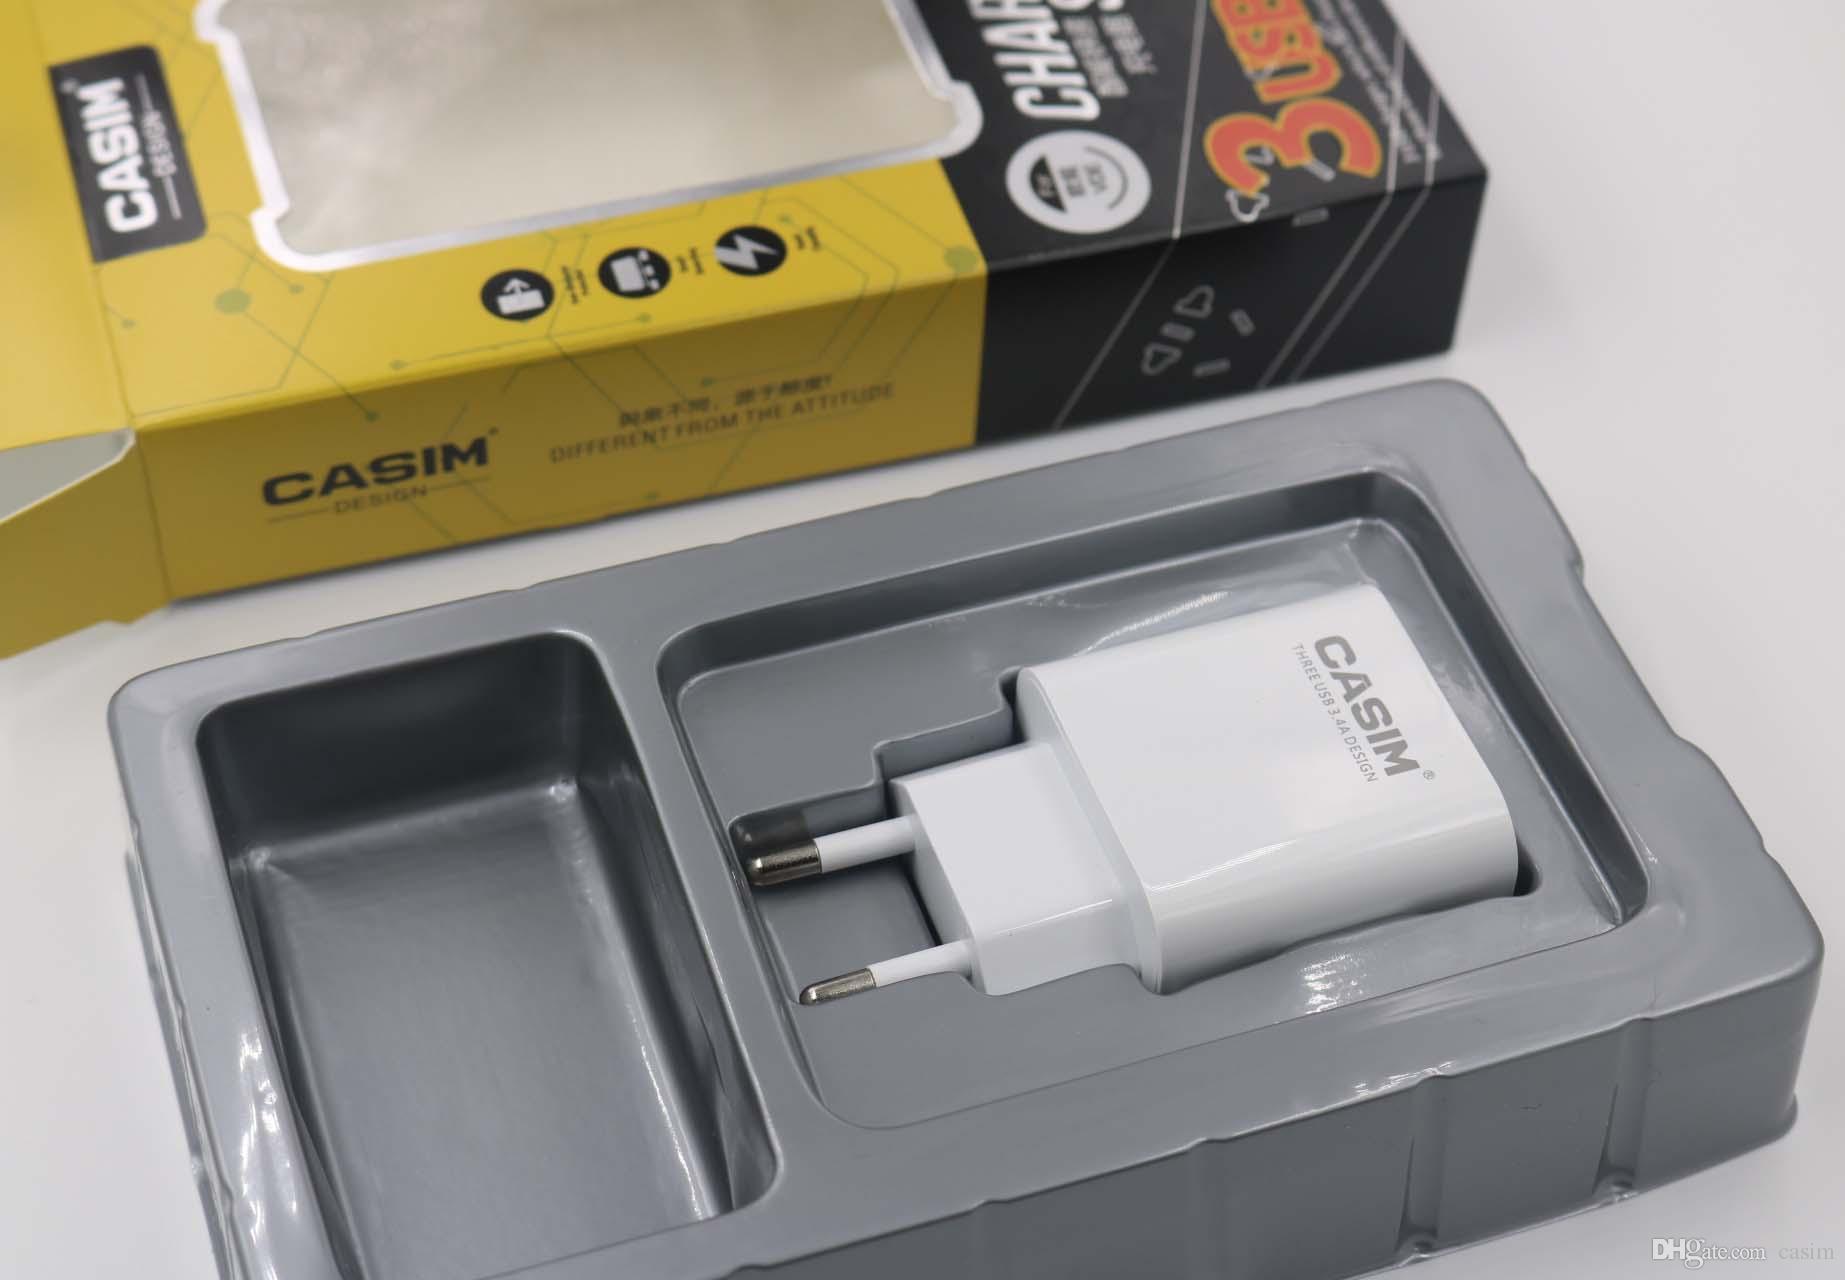 Yeni Casim Orijinal yüksek kalite 5 V 3.4A Tak Seyahat Evrensel ABD, AB Ev Duvar Şarj 3 USB Portları Akıllı Hızlı Istikrarlı Şarj